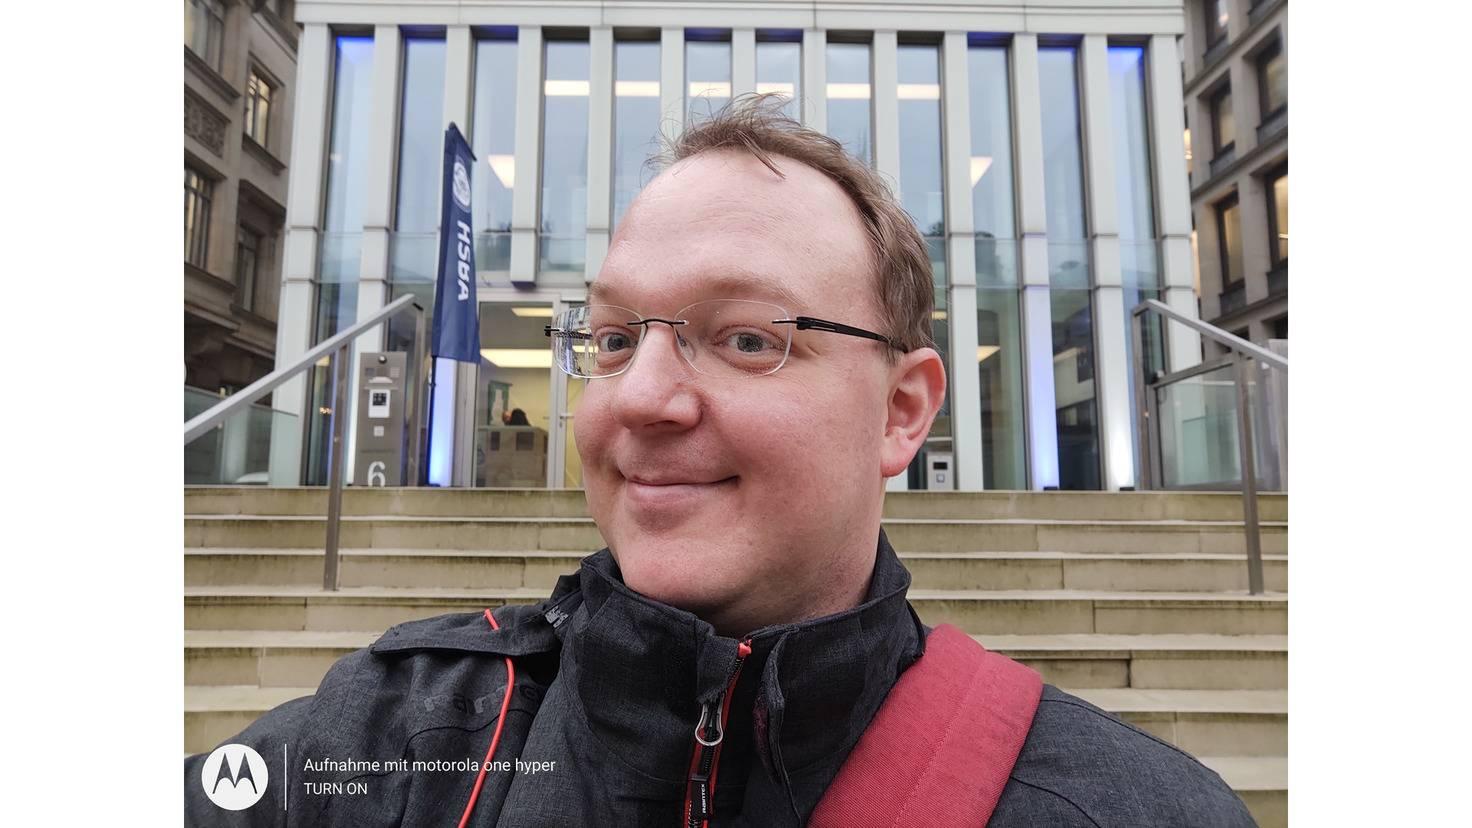 Die Selfie-Kamera macht scharfe, überzeugende Porträtaufnahmen.